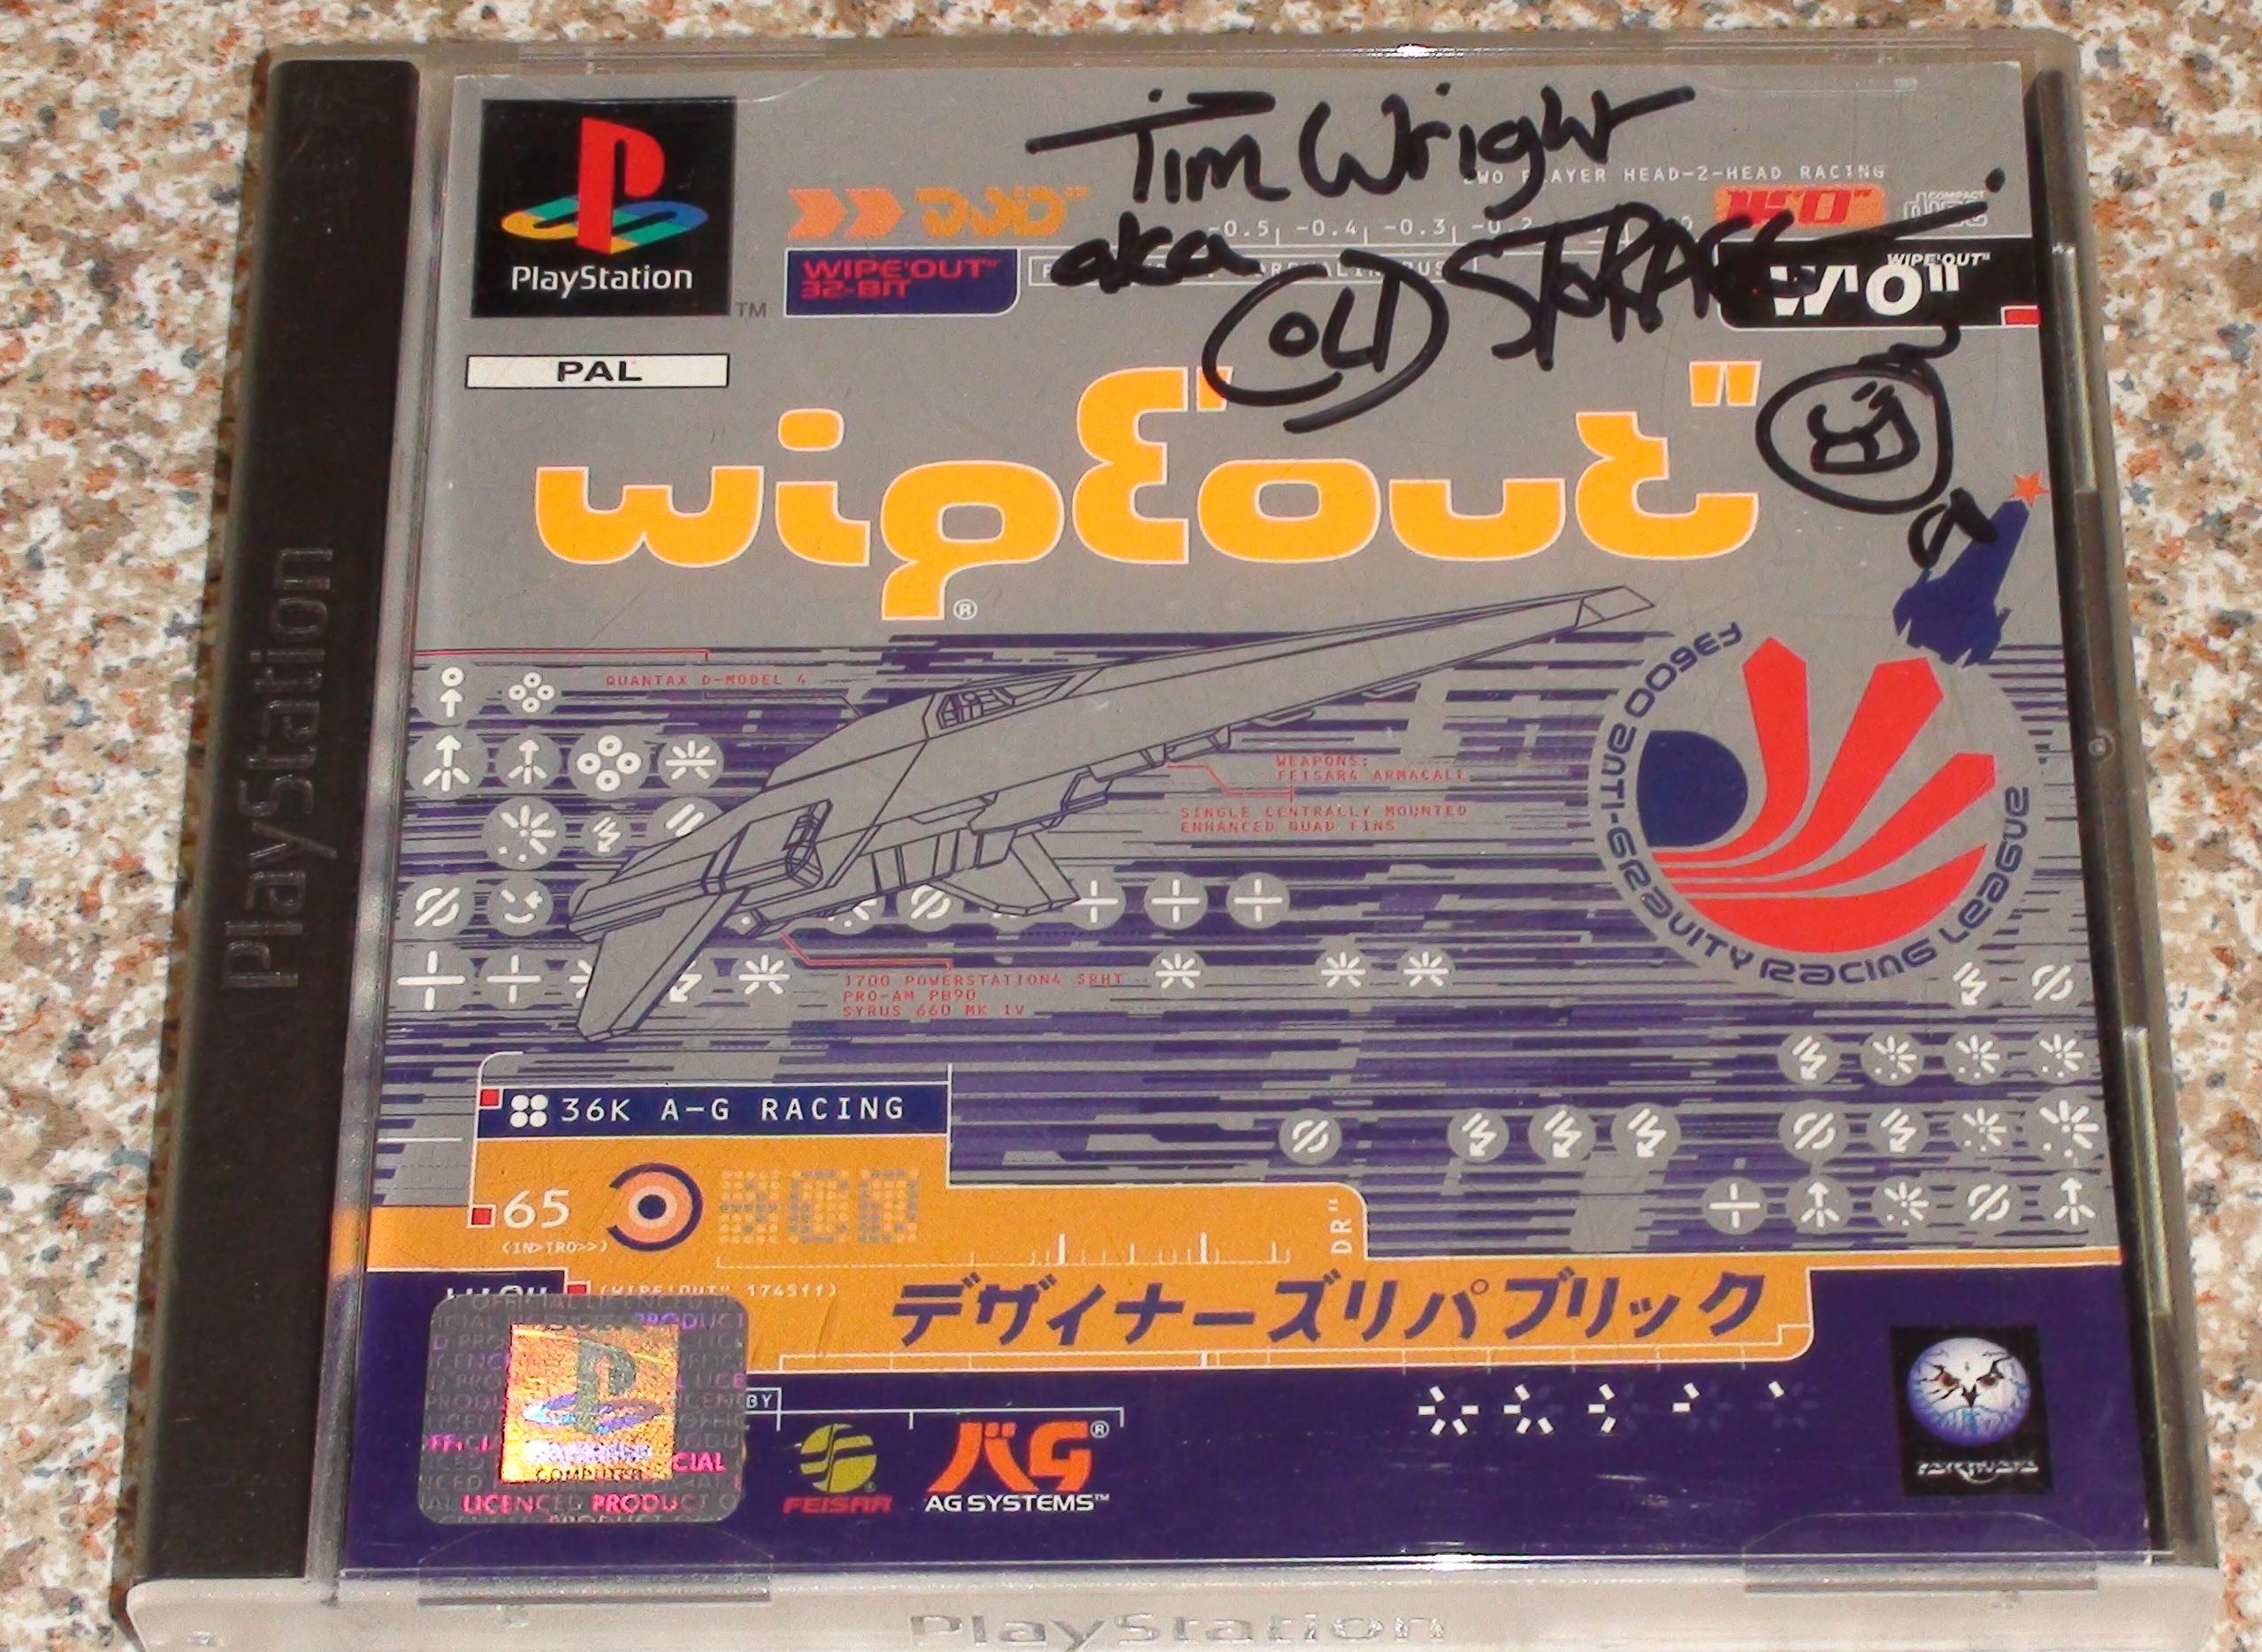 Wipeout - Tim Wright